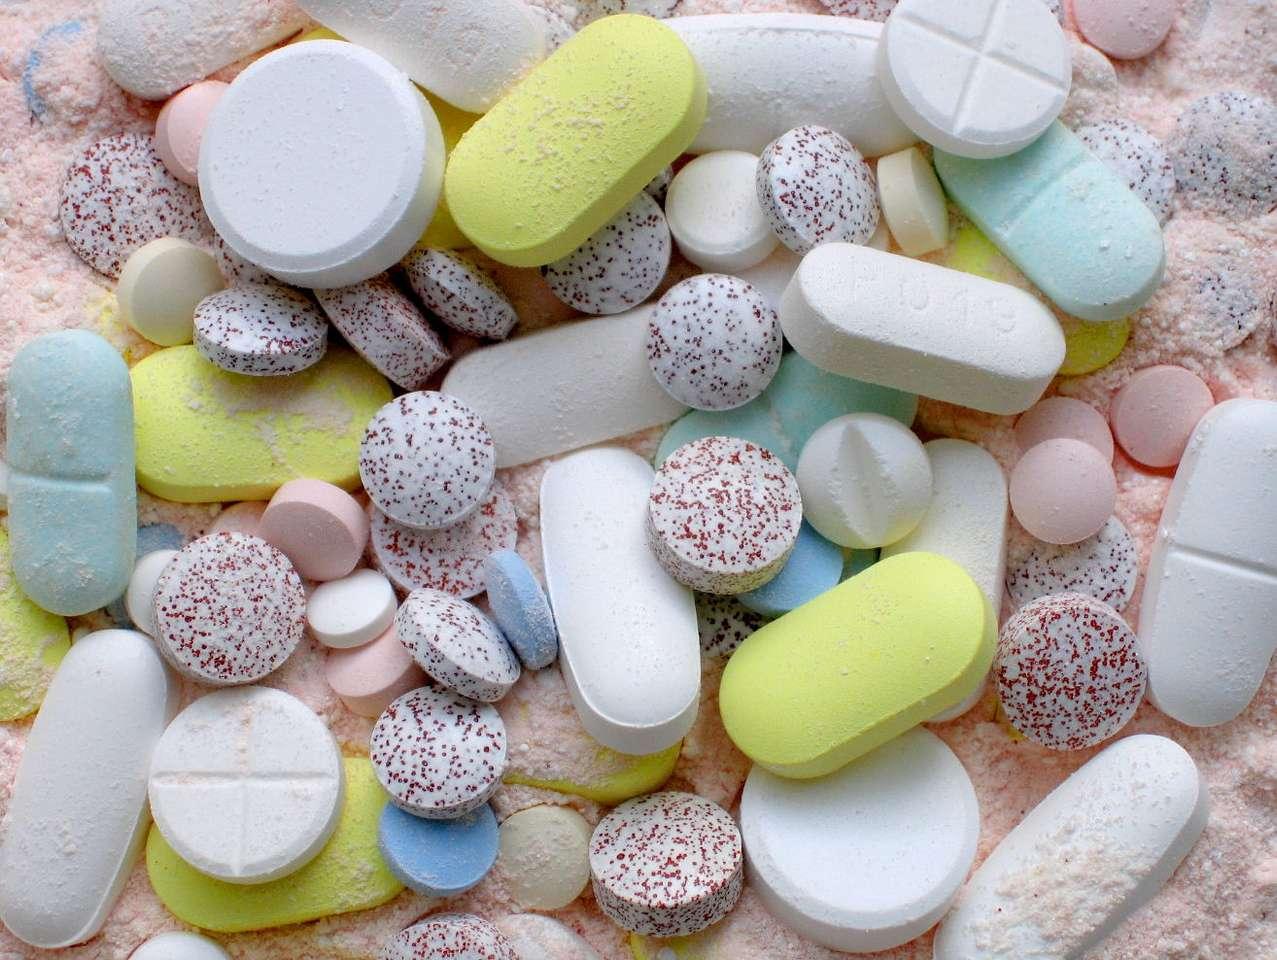 Tabletki - Tabletka jaka jest, każdy widzi. Może mieć przeróżny kształt i kolor, co ma na celu, między innymi, poprawienie estetyczności produktu leczniczego. Aby jednak produkt leczniczy został dopuszc (18×13)